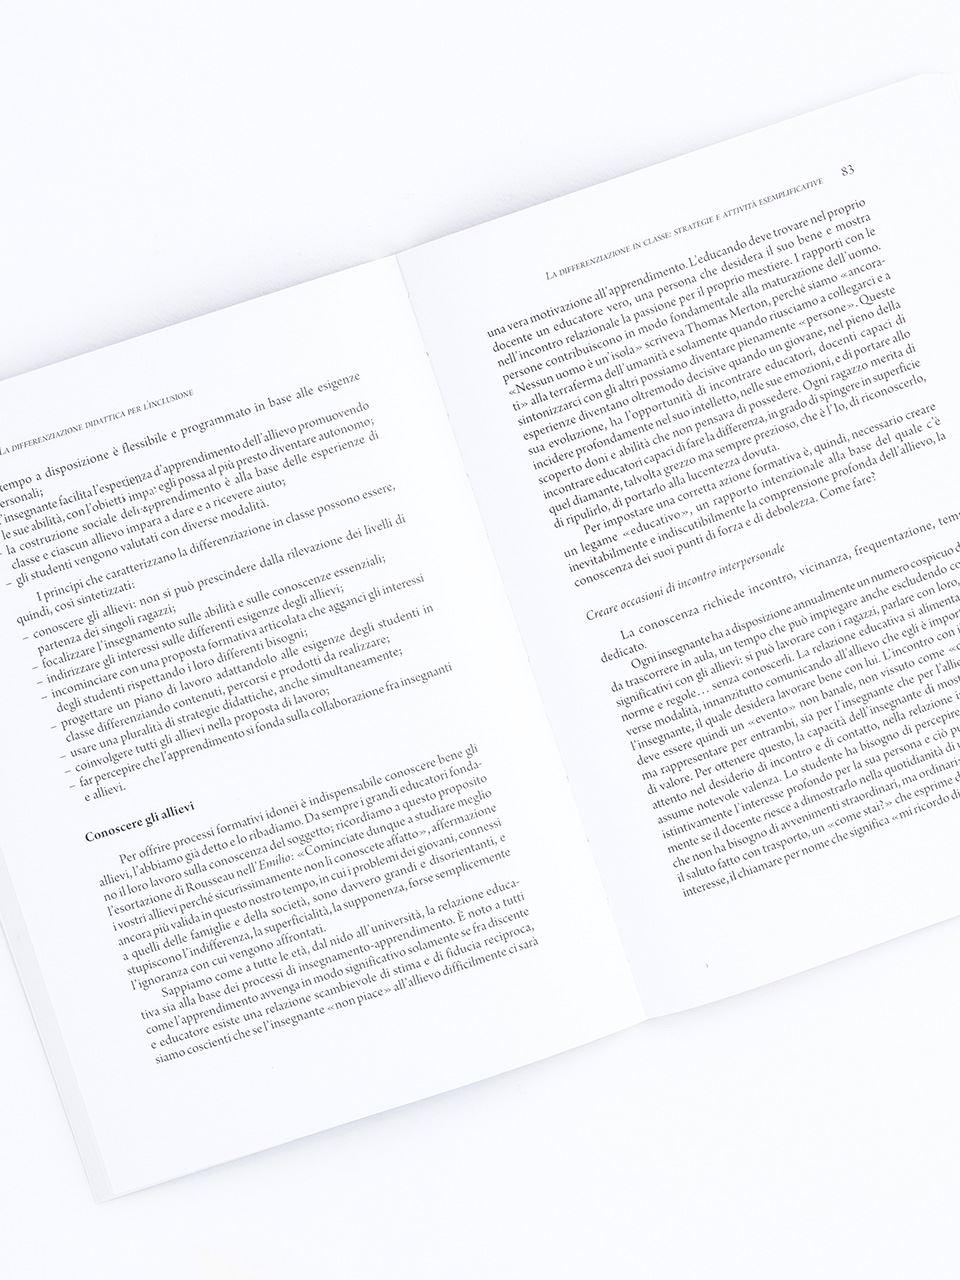 La differenziazione didattica per l'inclusione - Libri - Erickson 2